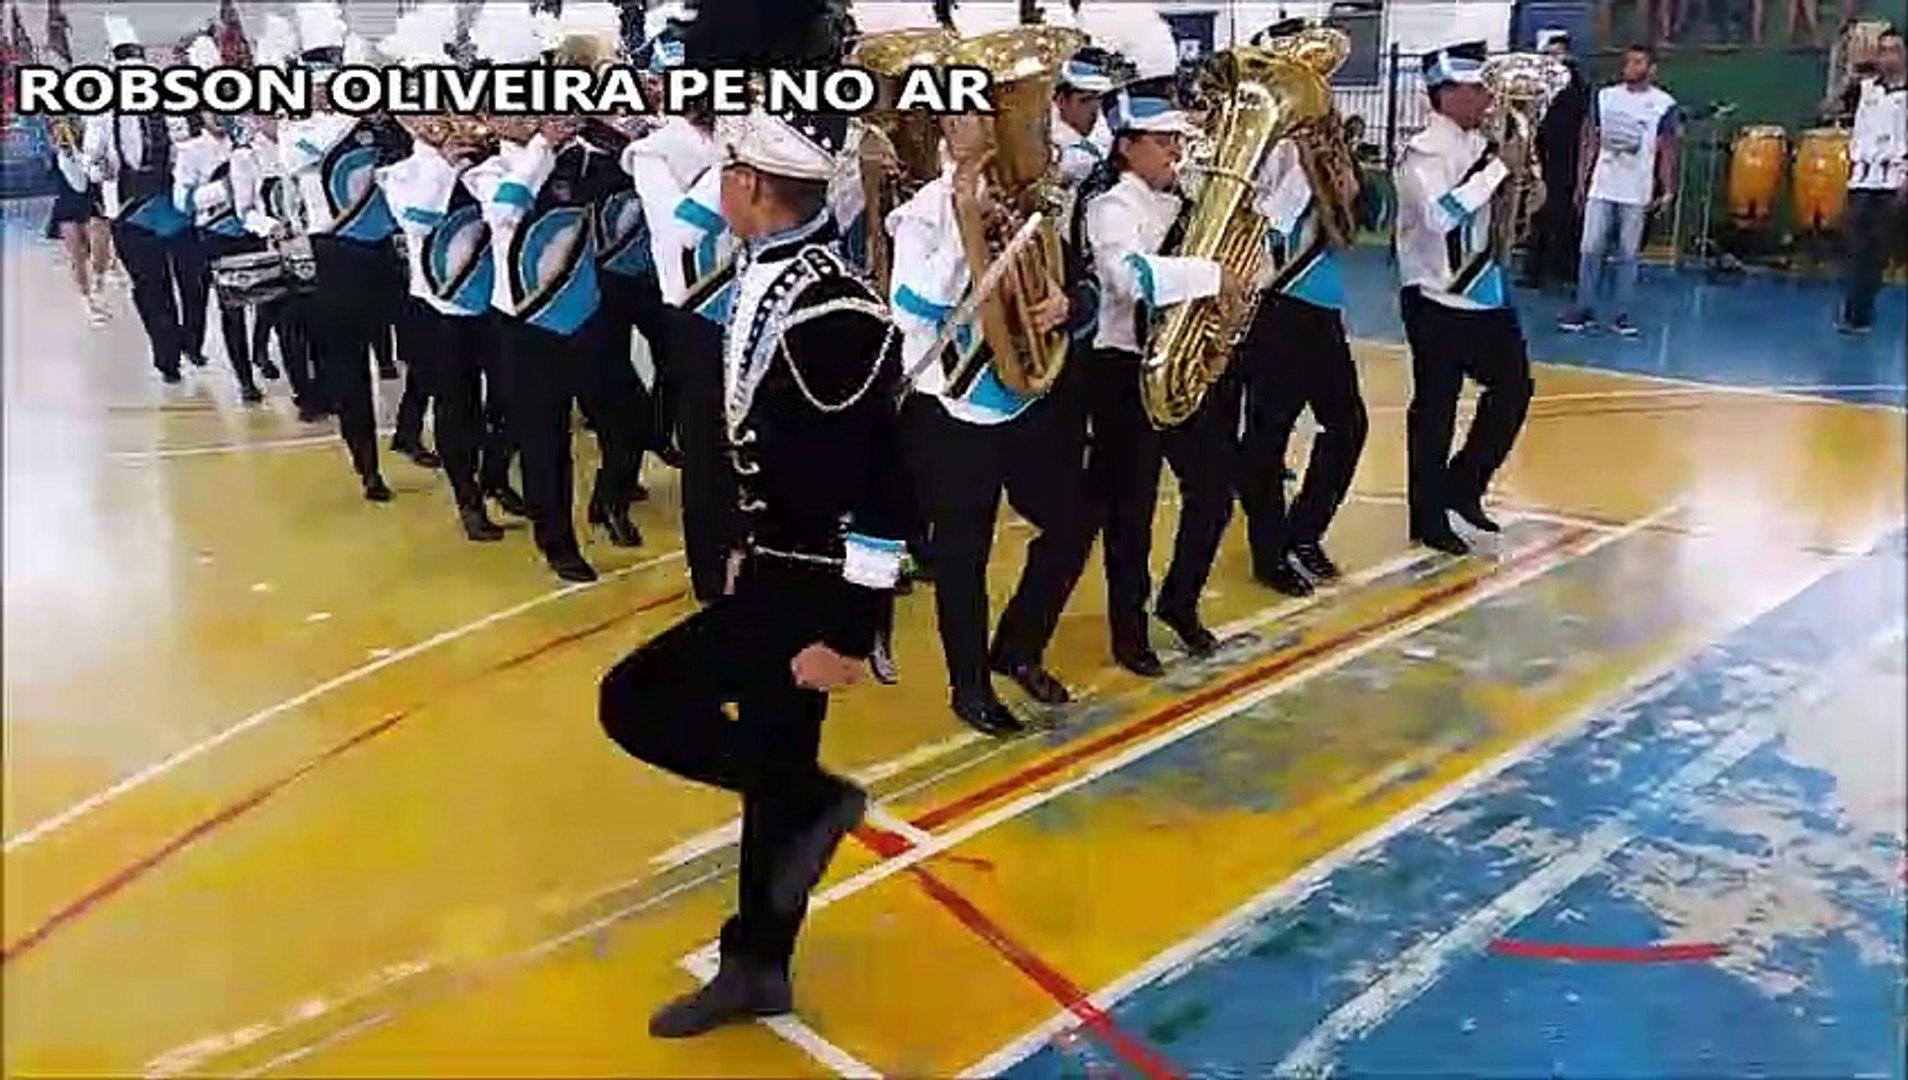 VI COPA NACIONAL DE CAMPEÃS BANDA MARCIA JUVENIL ANÍSIO TEIXEIRA-PB